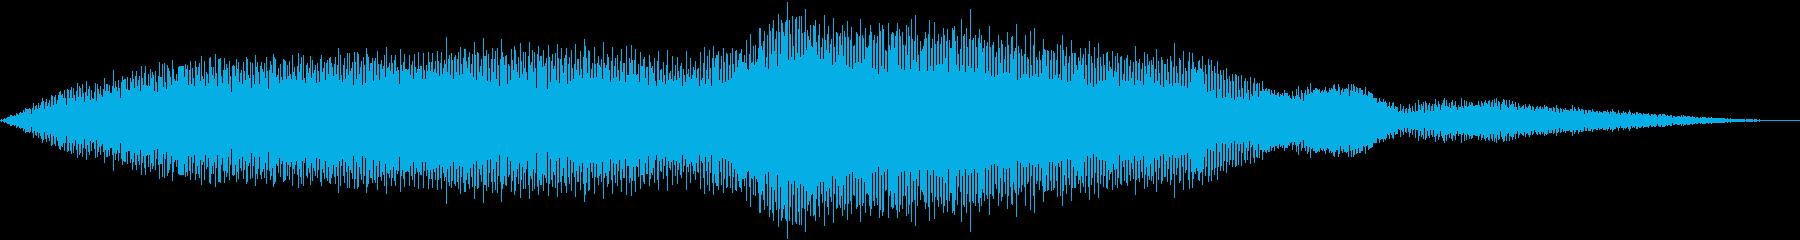 スタントプレーンダイビング(曲技飛...の再生済みの波形